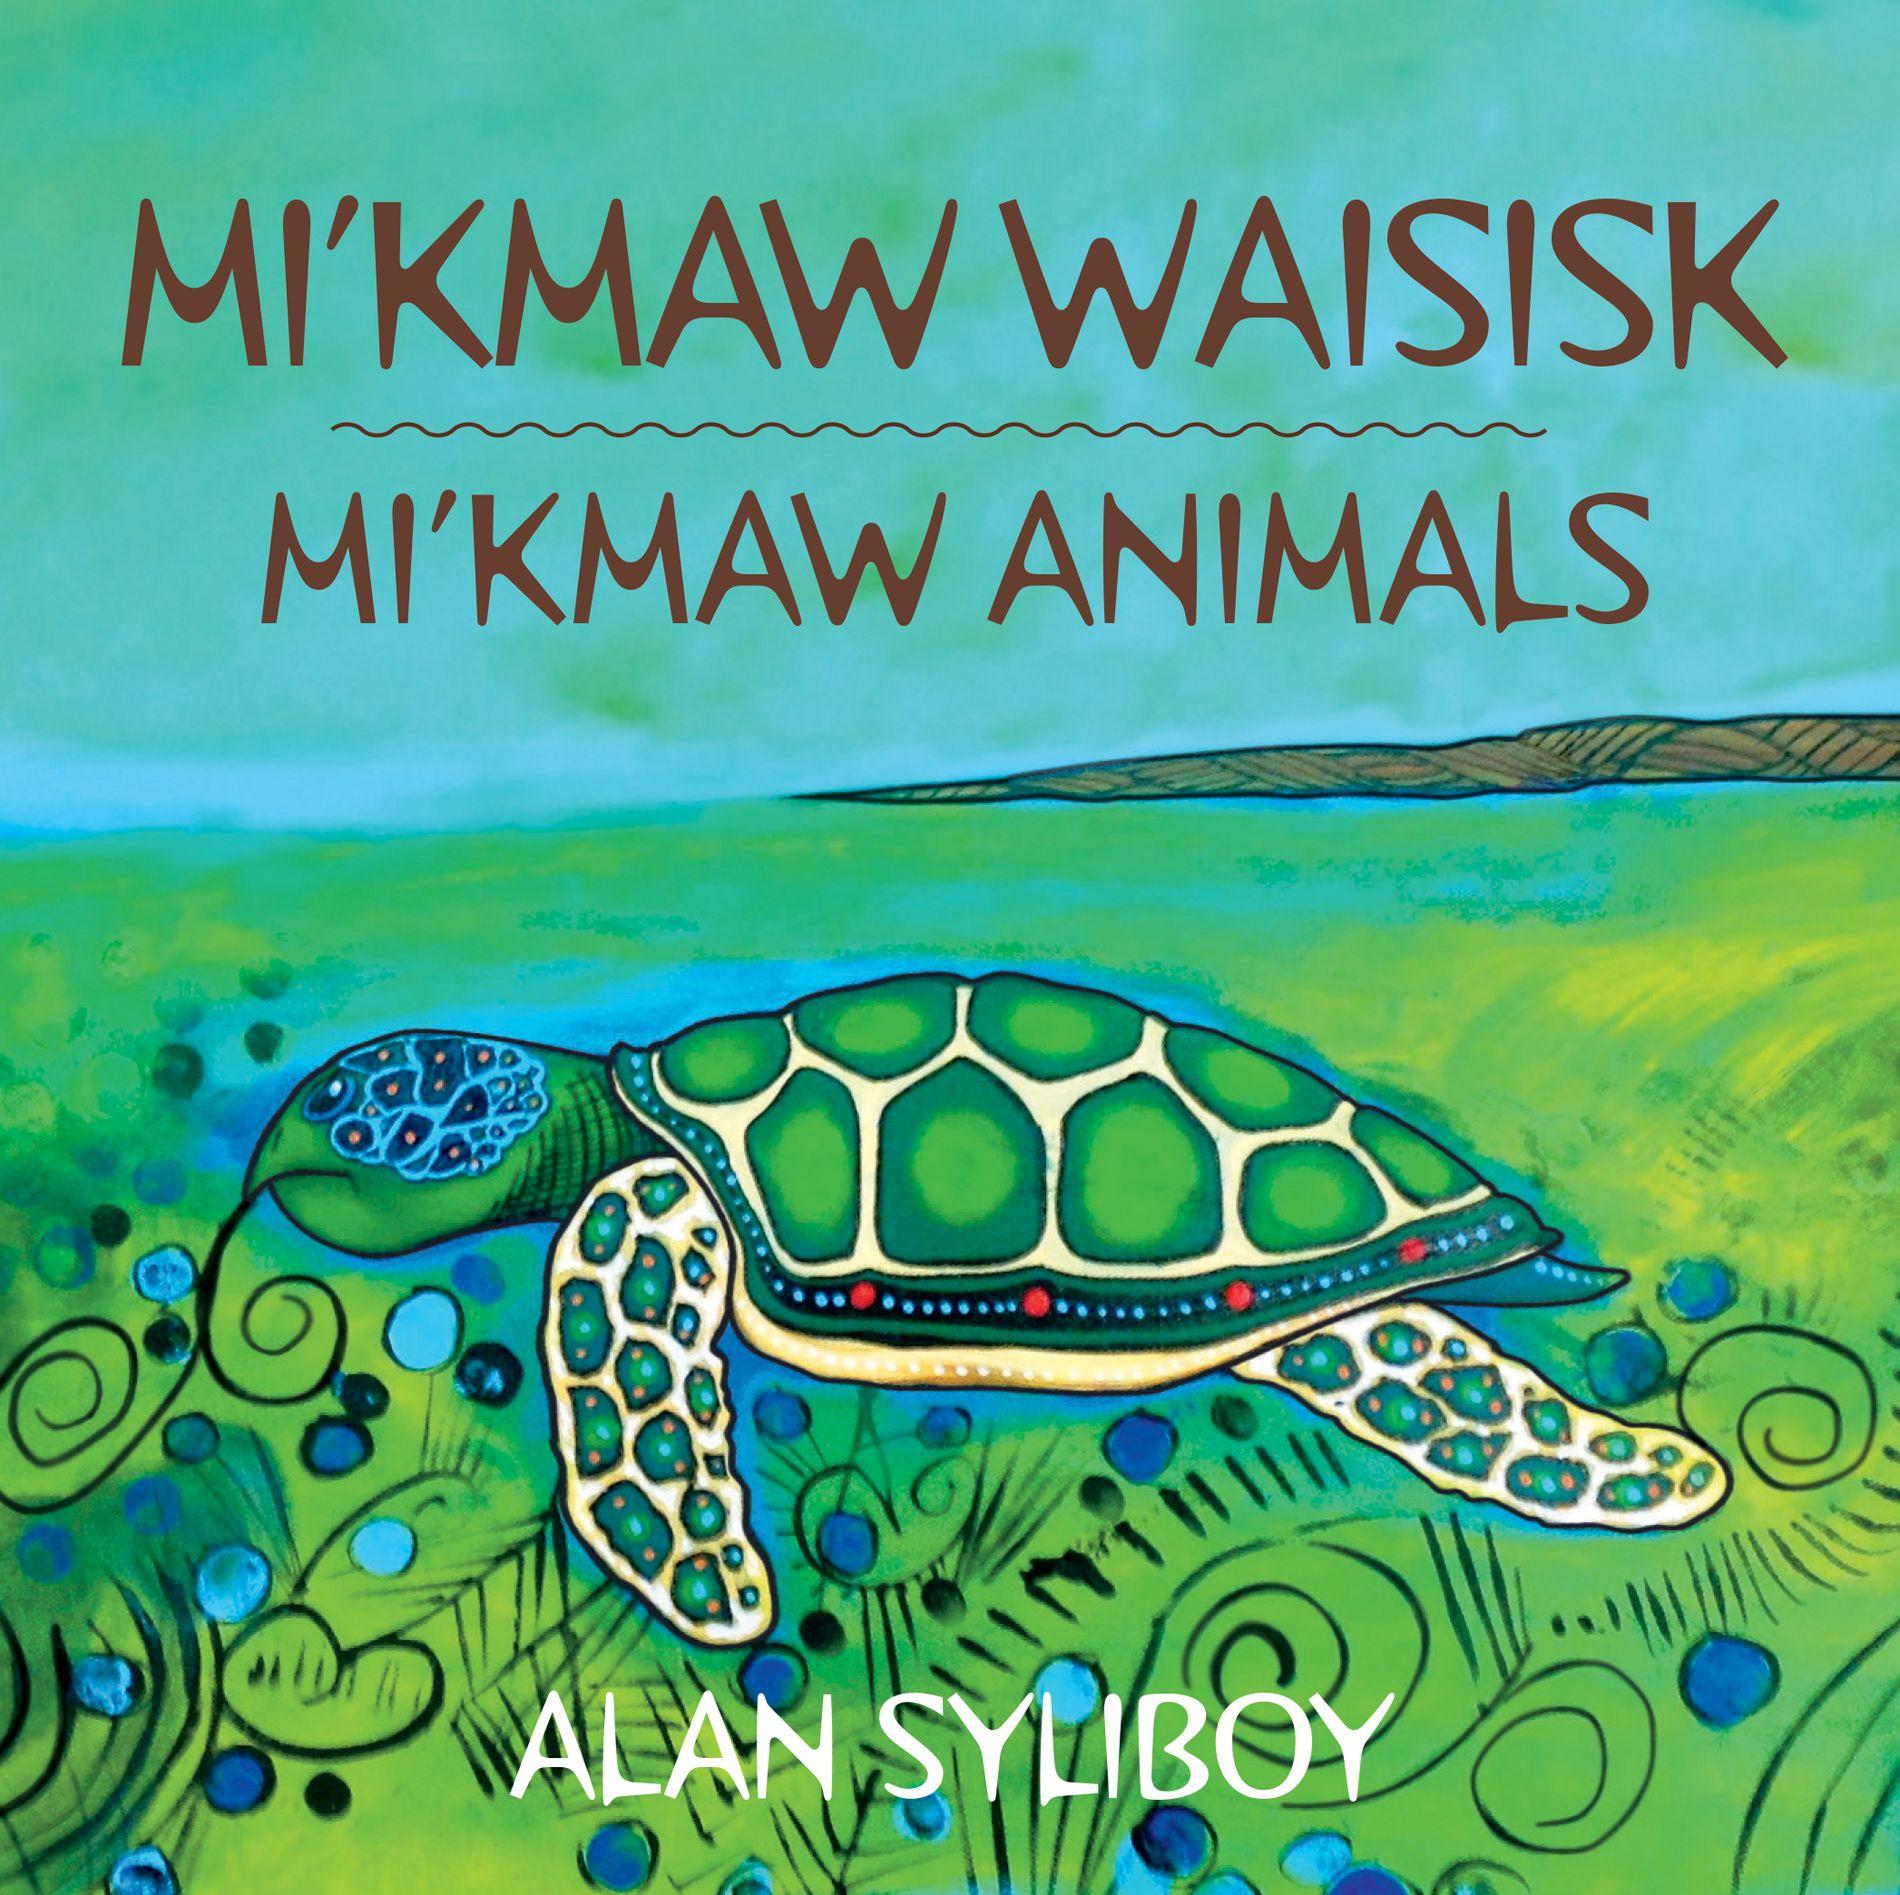 Mi'kmaw Animals / Mi'kmaw Waisisk